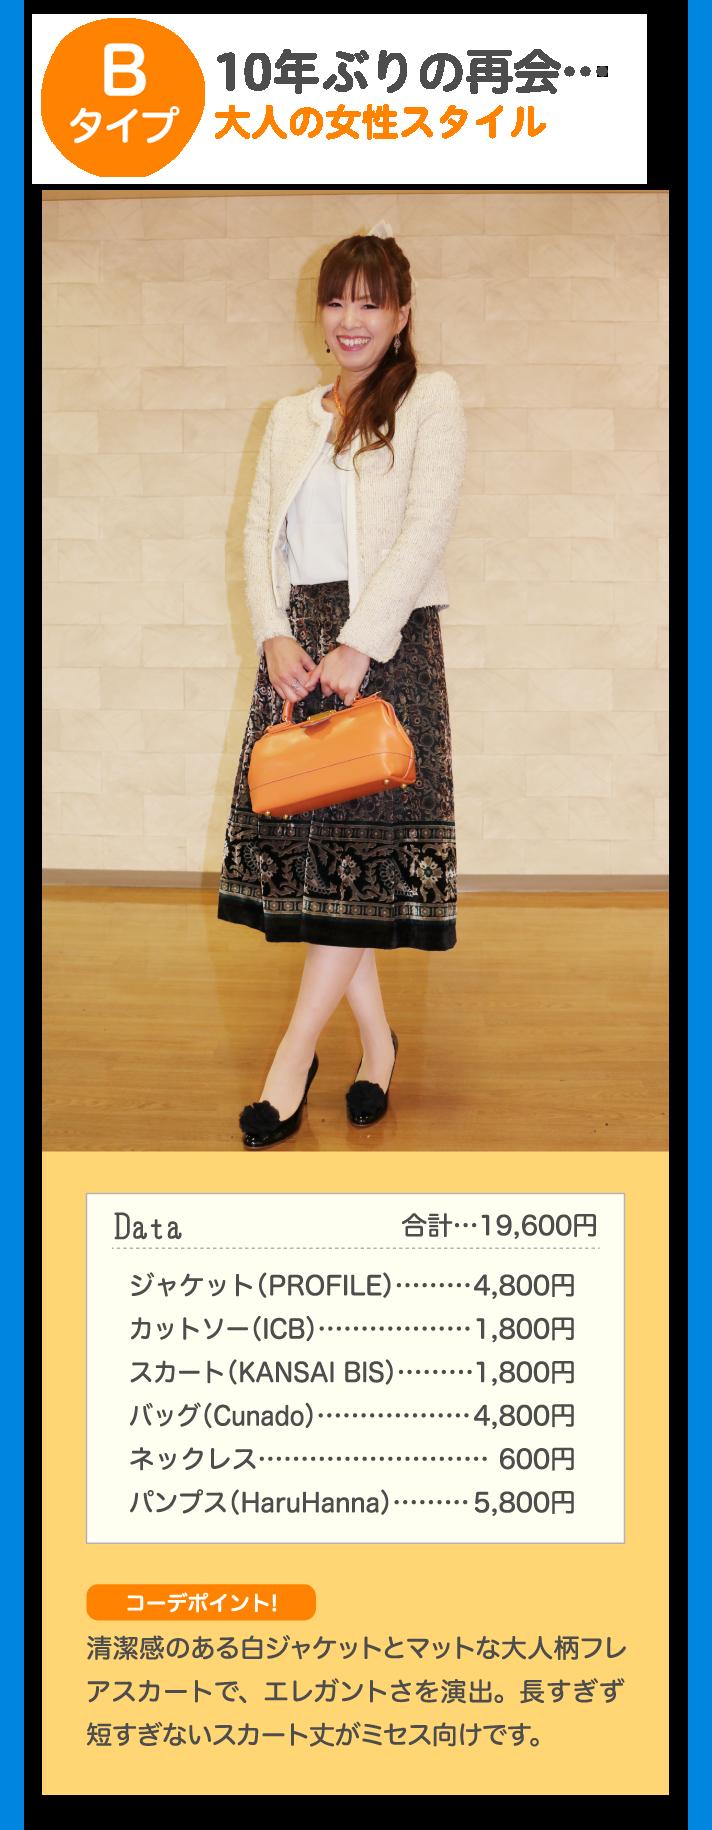 Bタイプ 10年ぶりの再開…大人の女性スタイル Data 合計…19,600円 ジャケット(PROFILE)…4,800円 カットソー(ICB)…1,800円 スカート(KANSAI BIS)…1,800円 バッグ(Cunado)…4,800円 ネックレス…600円 パンプス(HaruHanna)…5,800円 コーデポイント! 清潔感のある白ジャケットとマットな大人柄フレアスカートで、エレガントさを演出。長すぎず短すぎないスカート丈がミセス向けです。